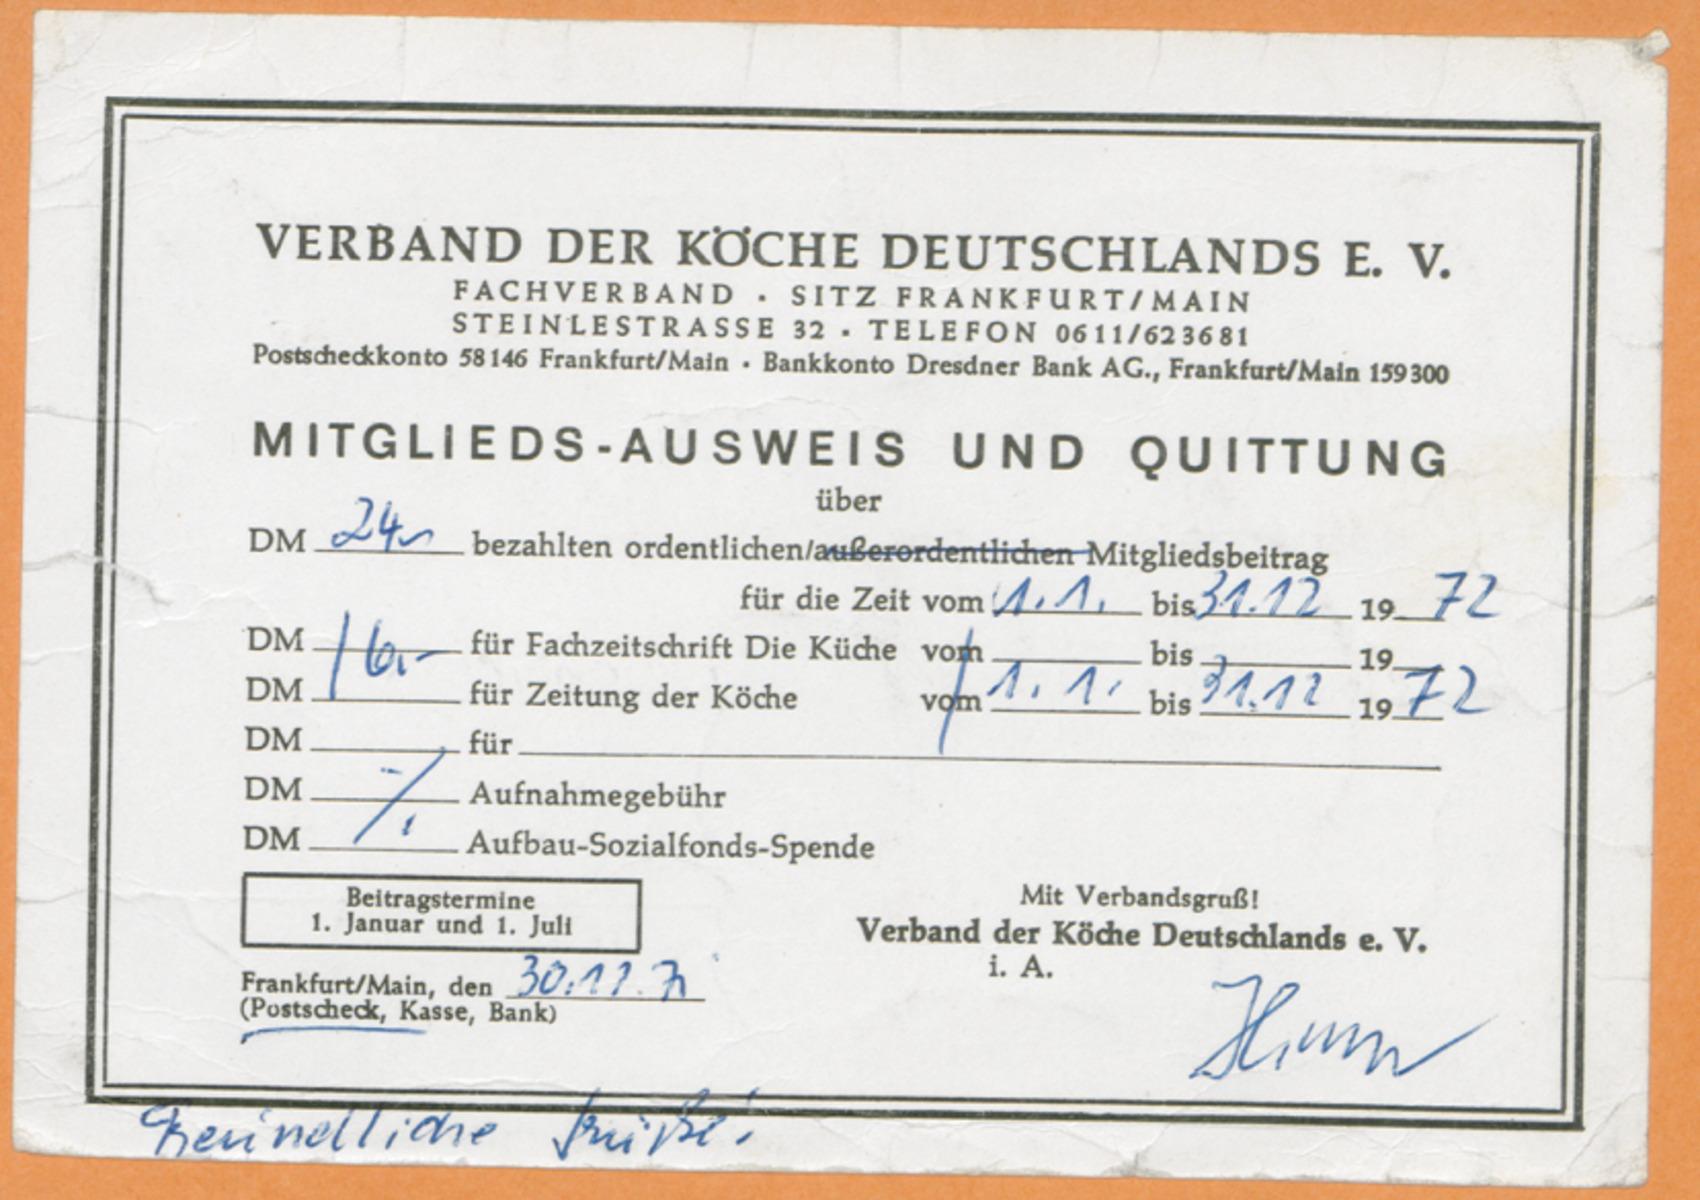 VK Mitgliedsausweis 1972.TIF